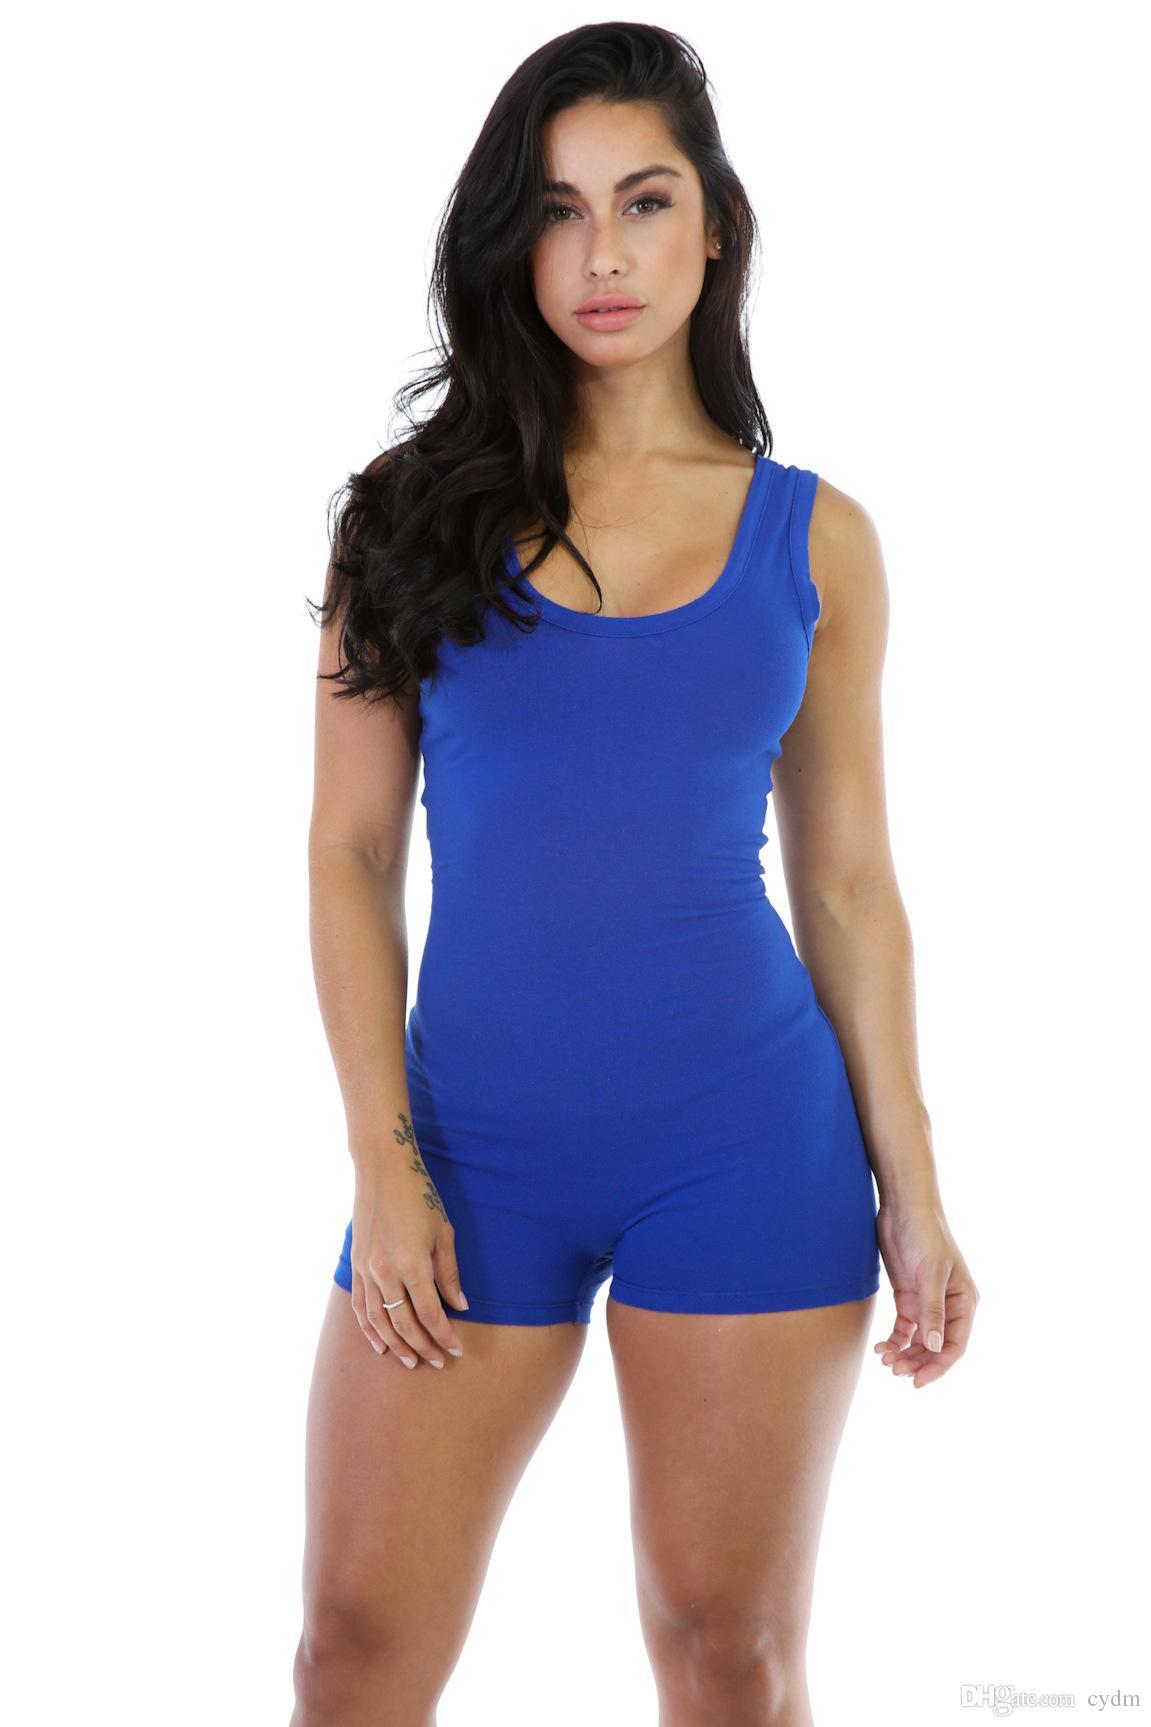 2021 Европа Соединенные Штаты Мода Горячая чистый цвет круглой головы Сексуальный отворот без рукавов тонкое движение тела шорты